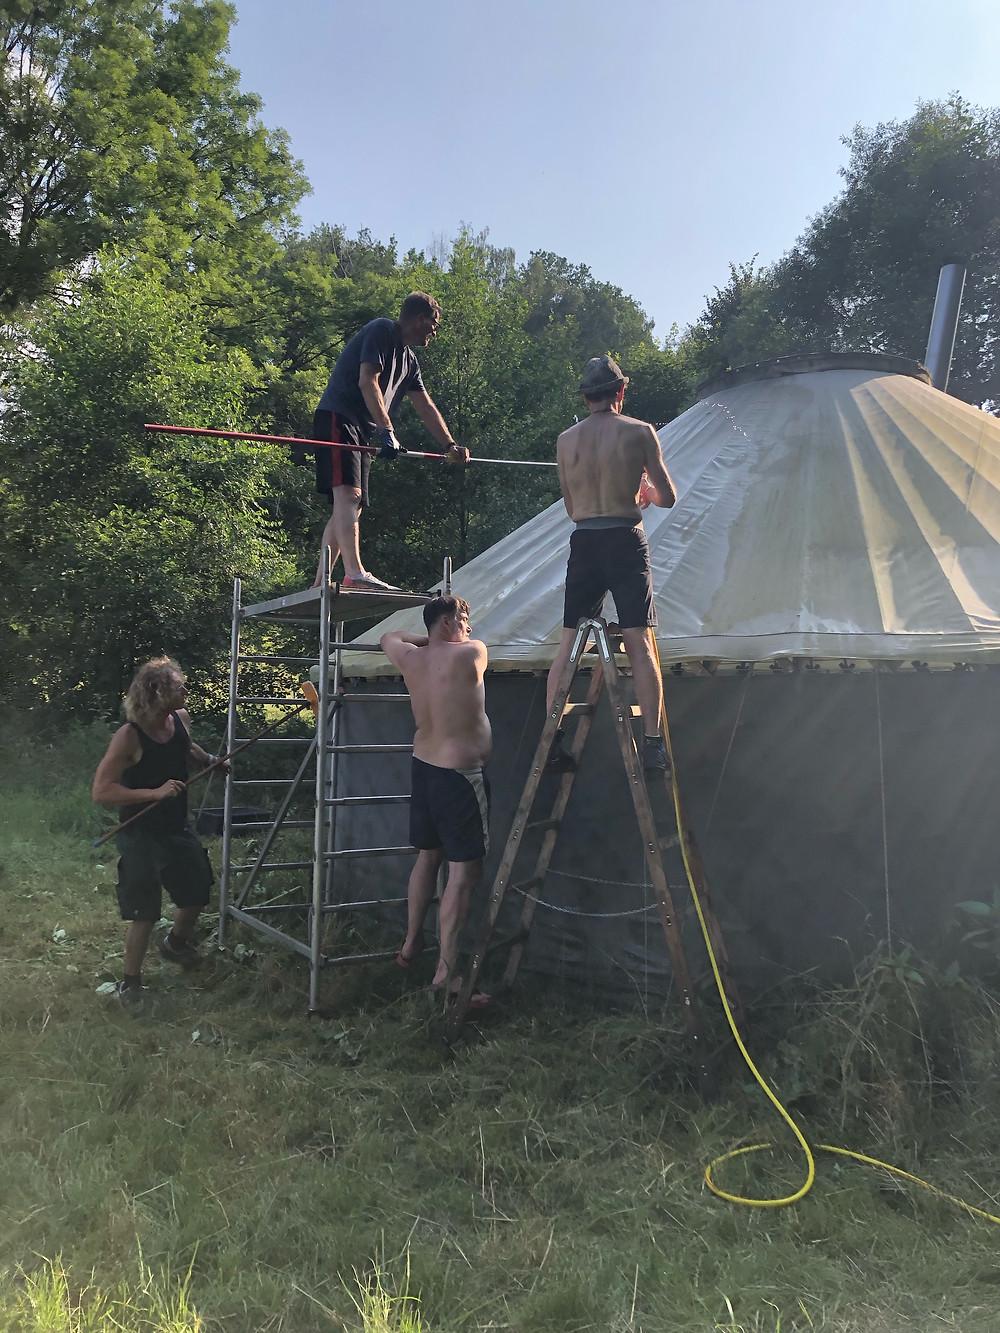 Männer putzen eine Jurte